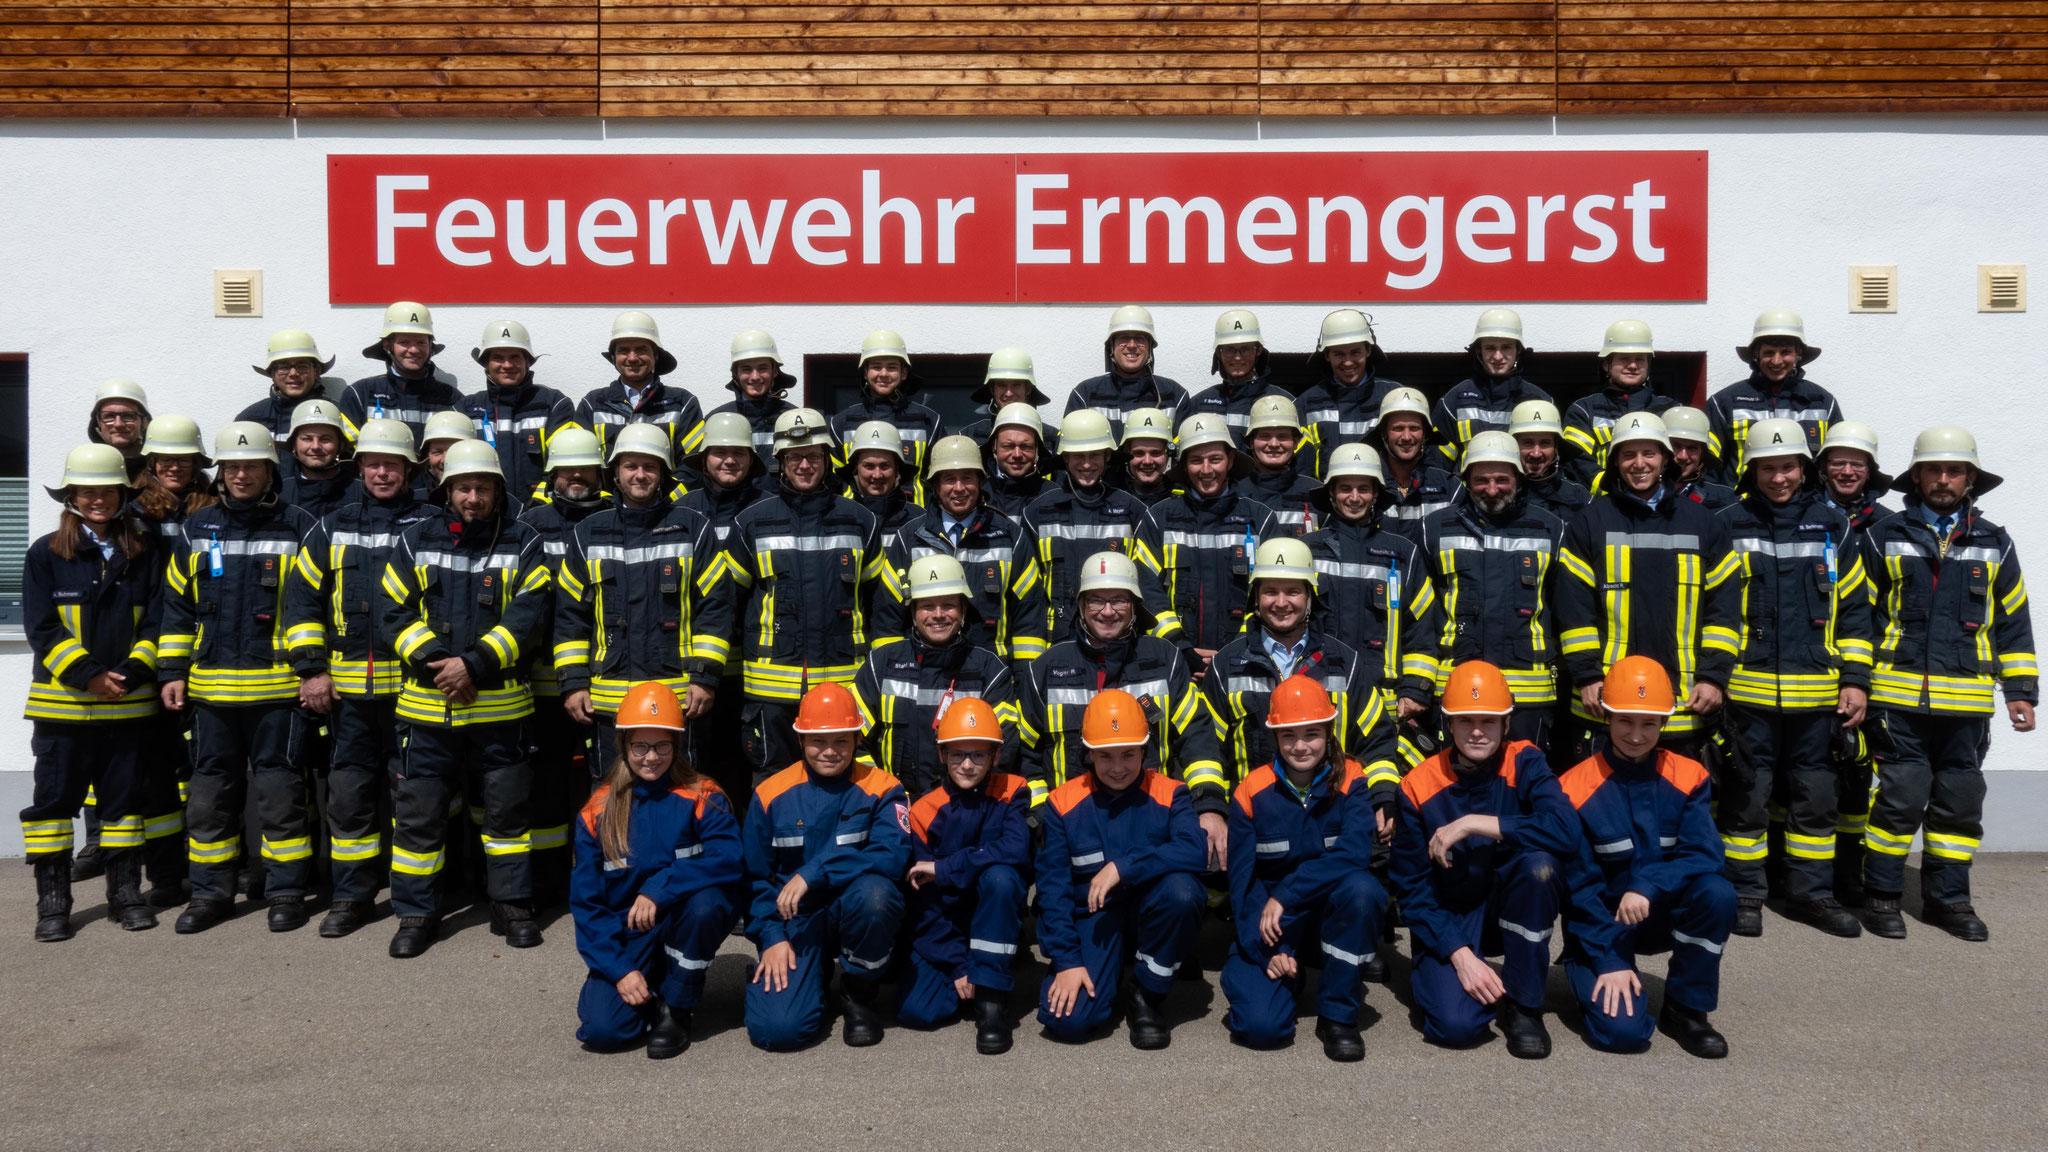 Freiwillige Feuerwehr Ermengerst - Alle Gruppen